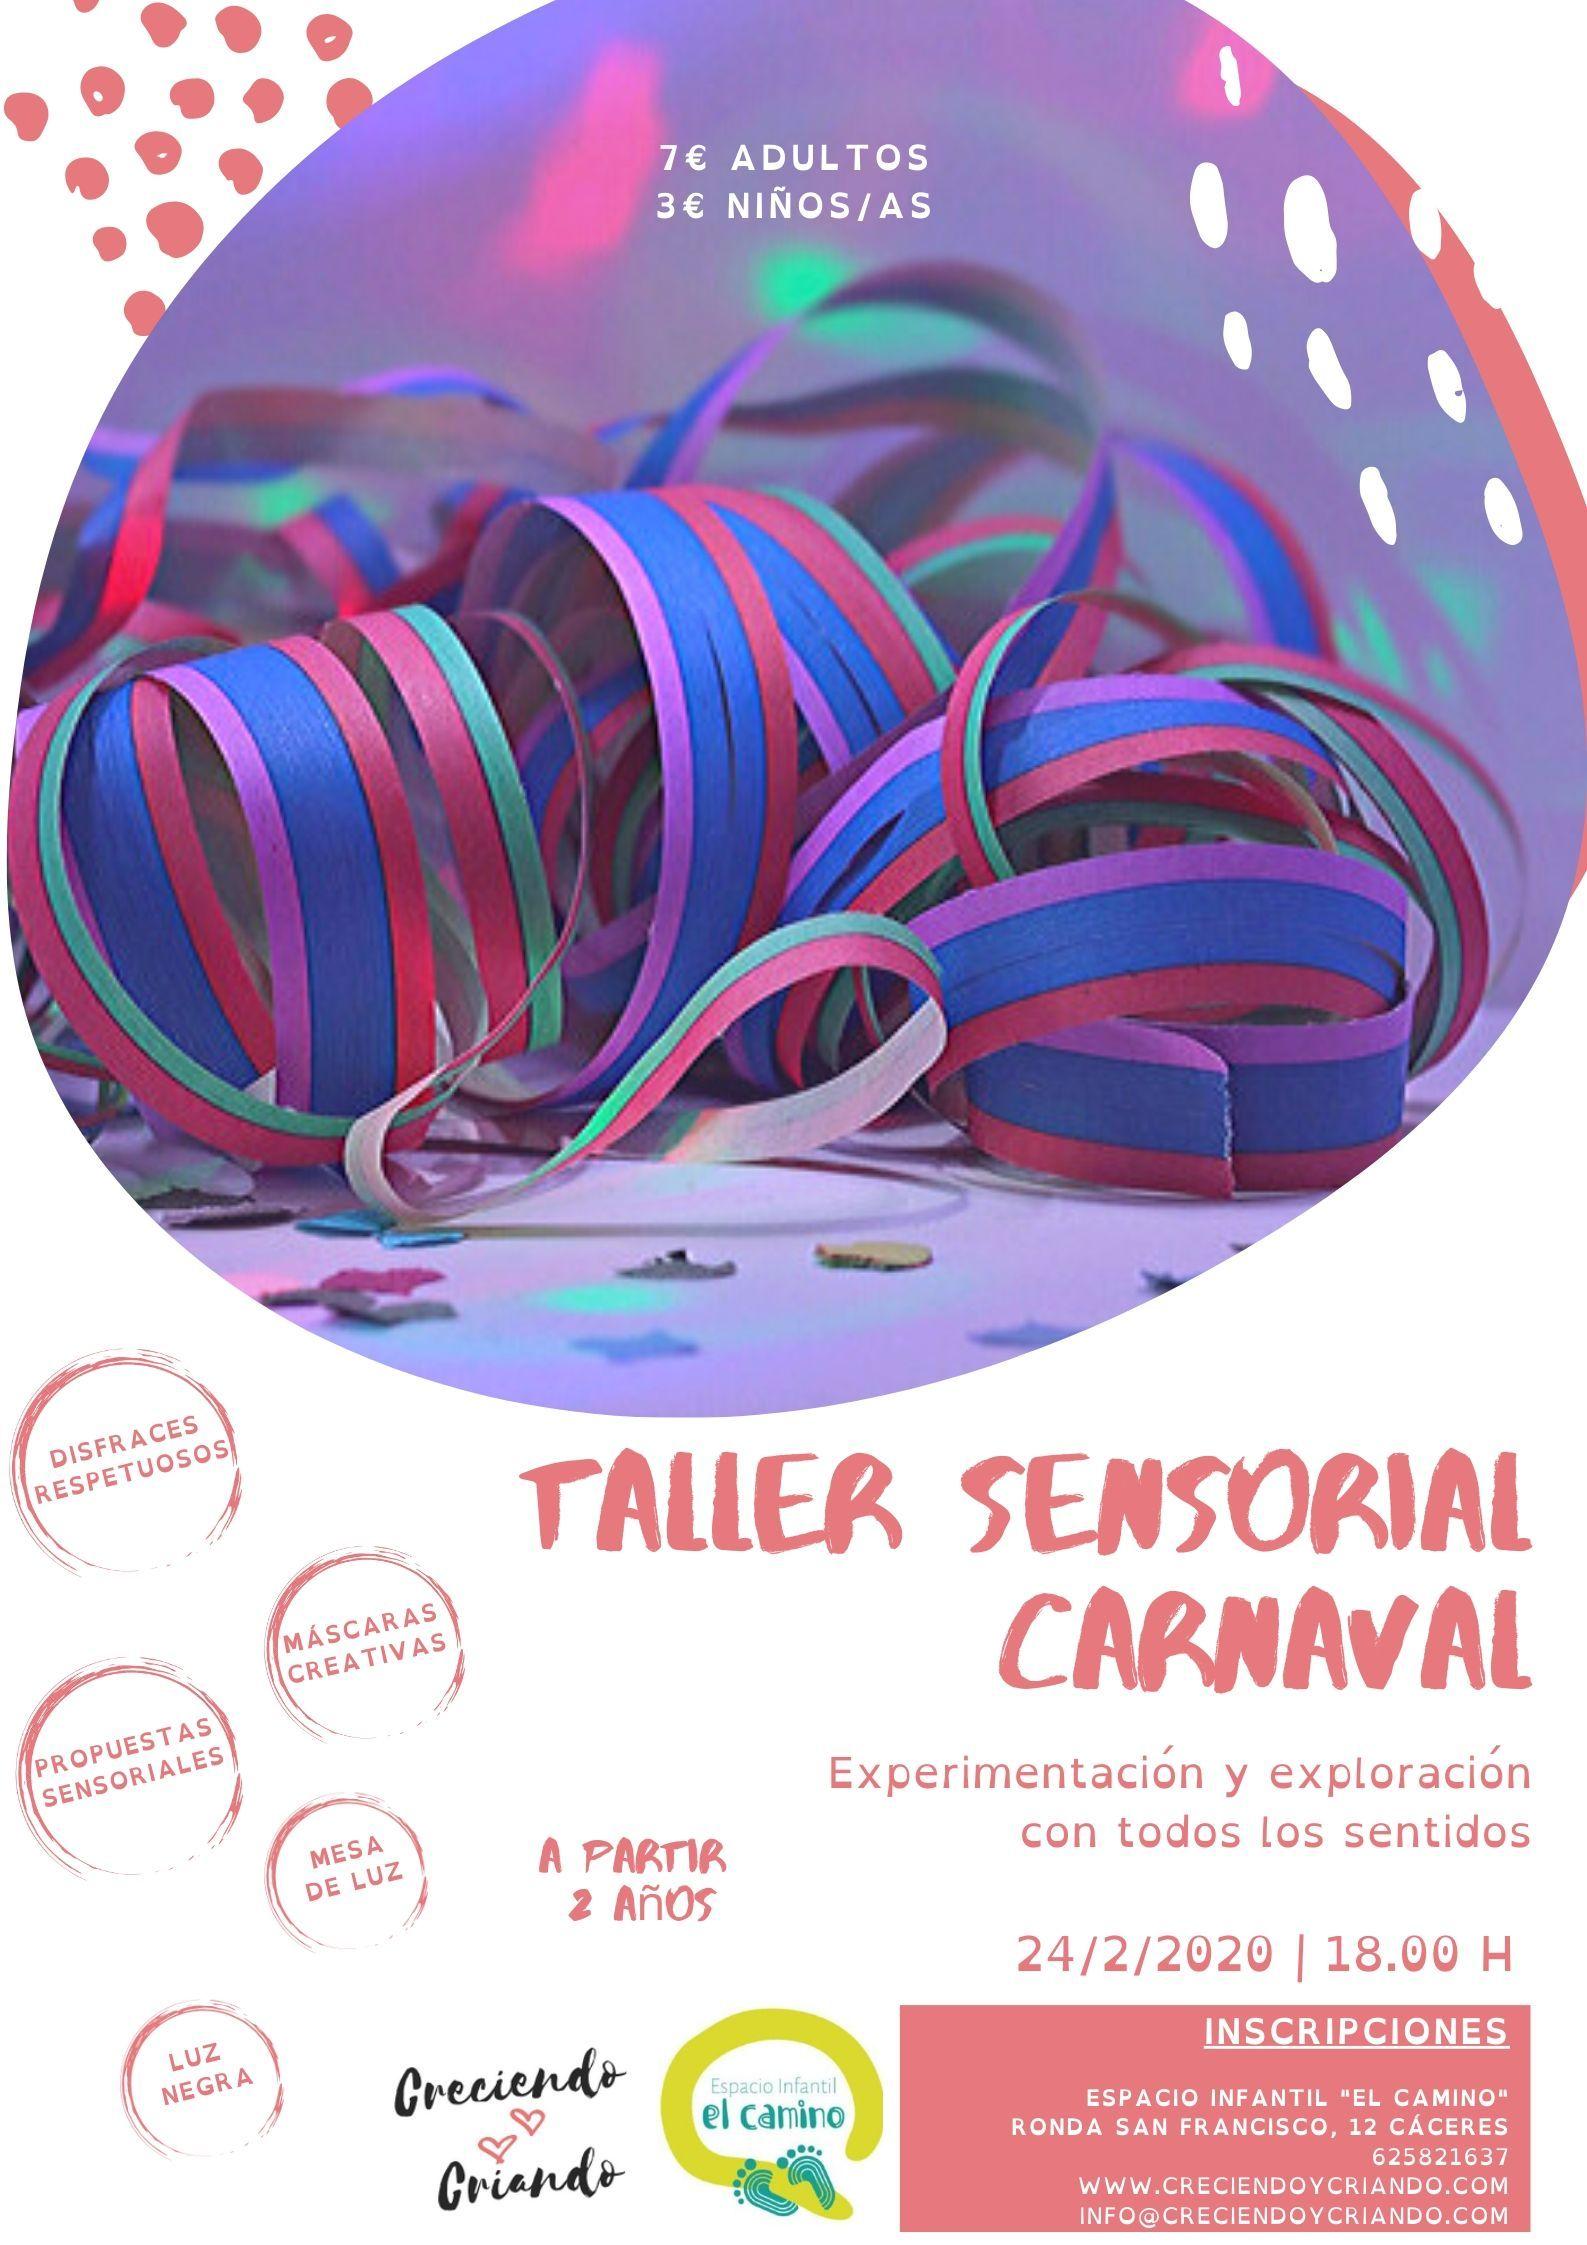 taller carnaval sensorial _creciendo y criando1